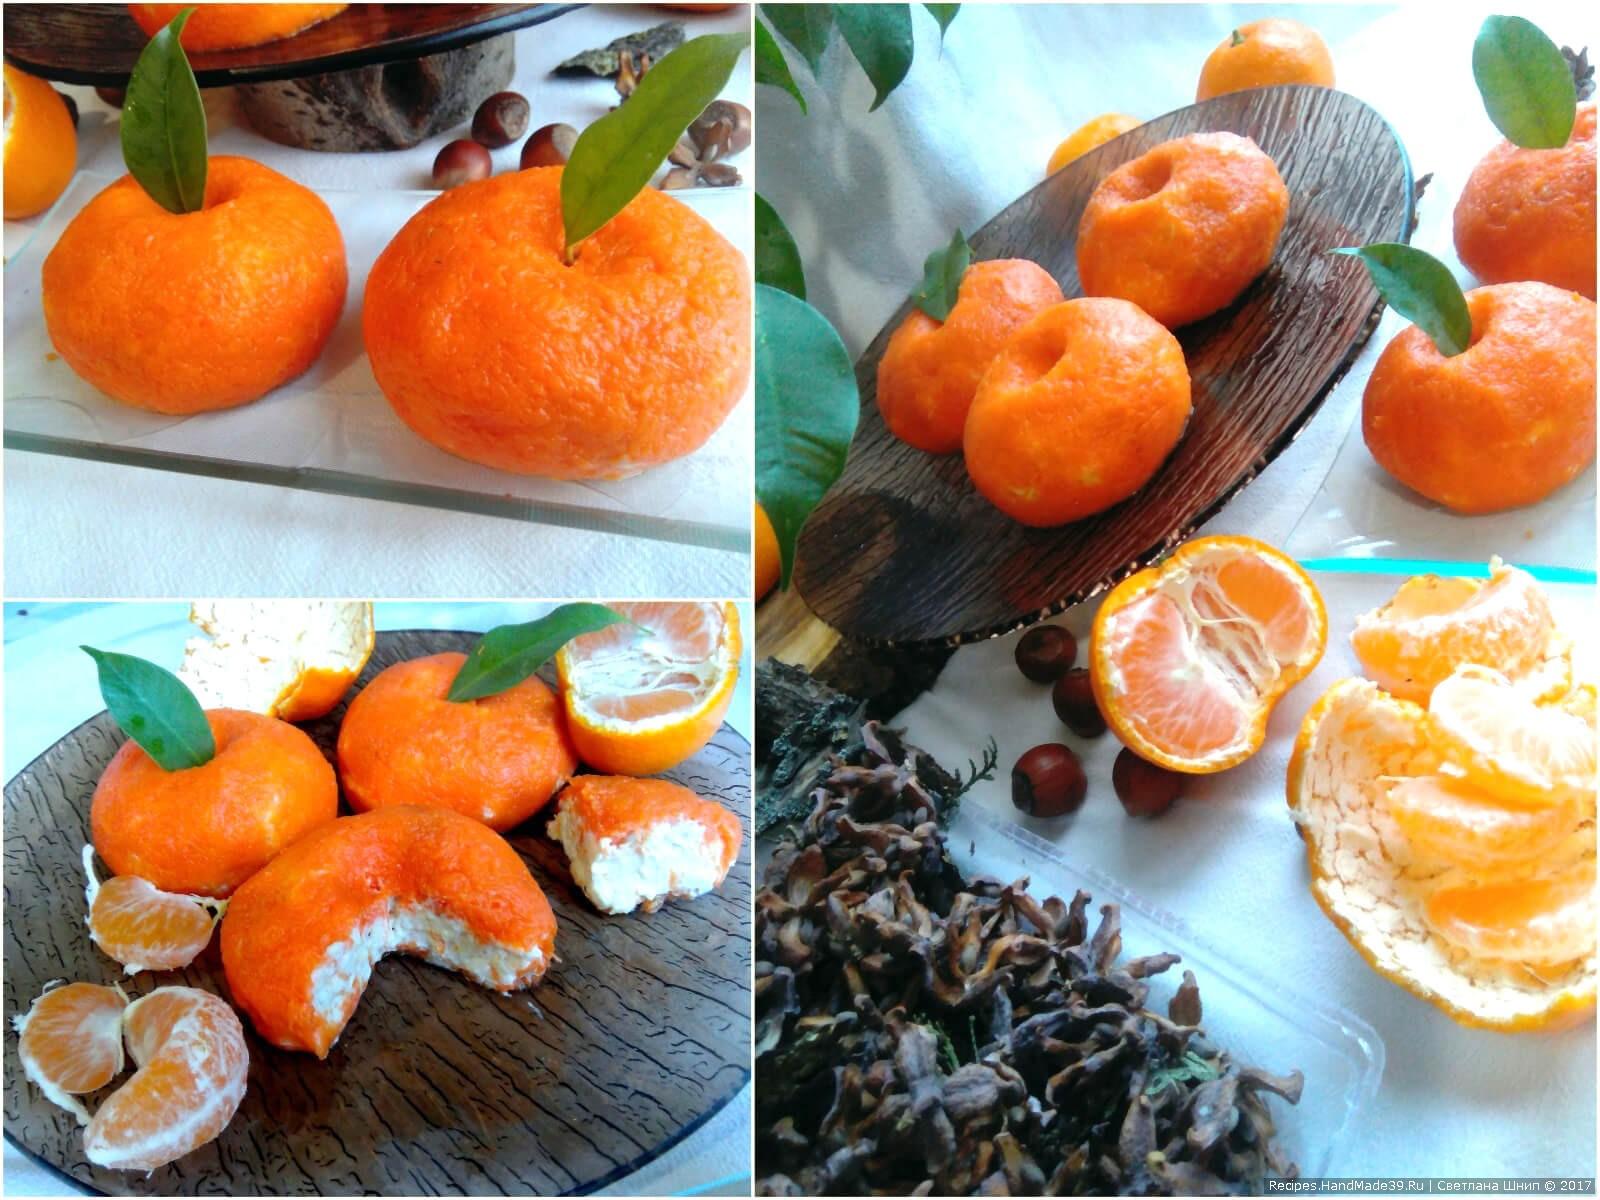 Пошаговый рецепт сырной закуски «Мандарин» с чесночным вкусом